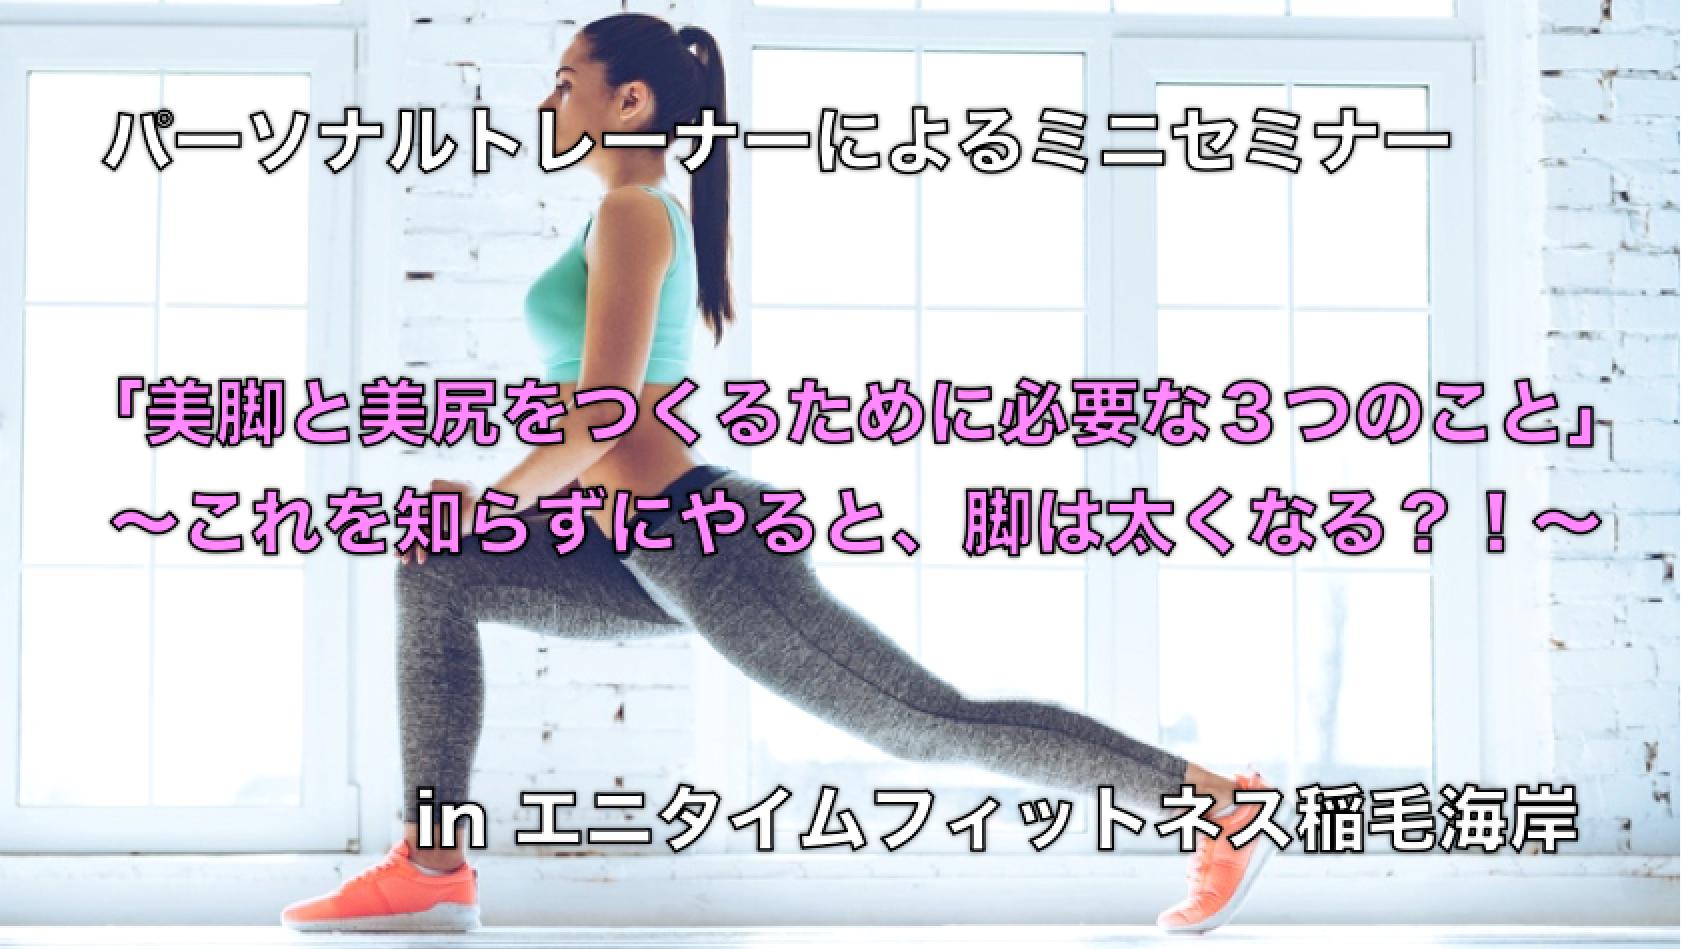 【11月5日(日)開催!!】美脚美尻をつくるセミナー in 稲毛海岸